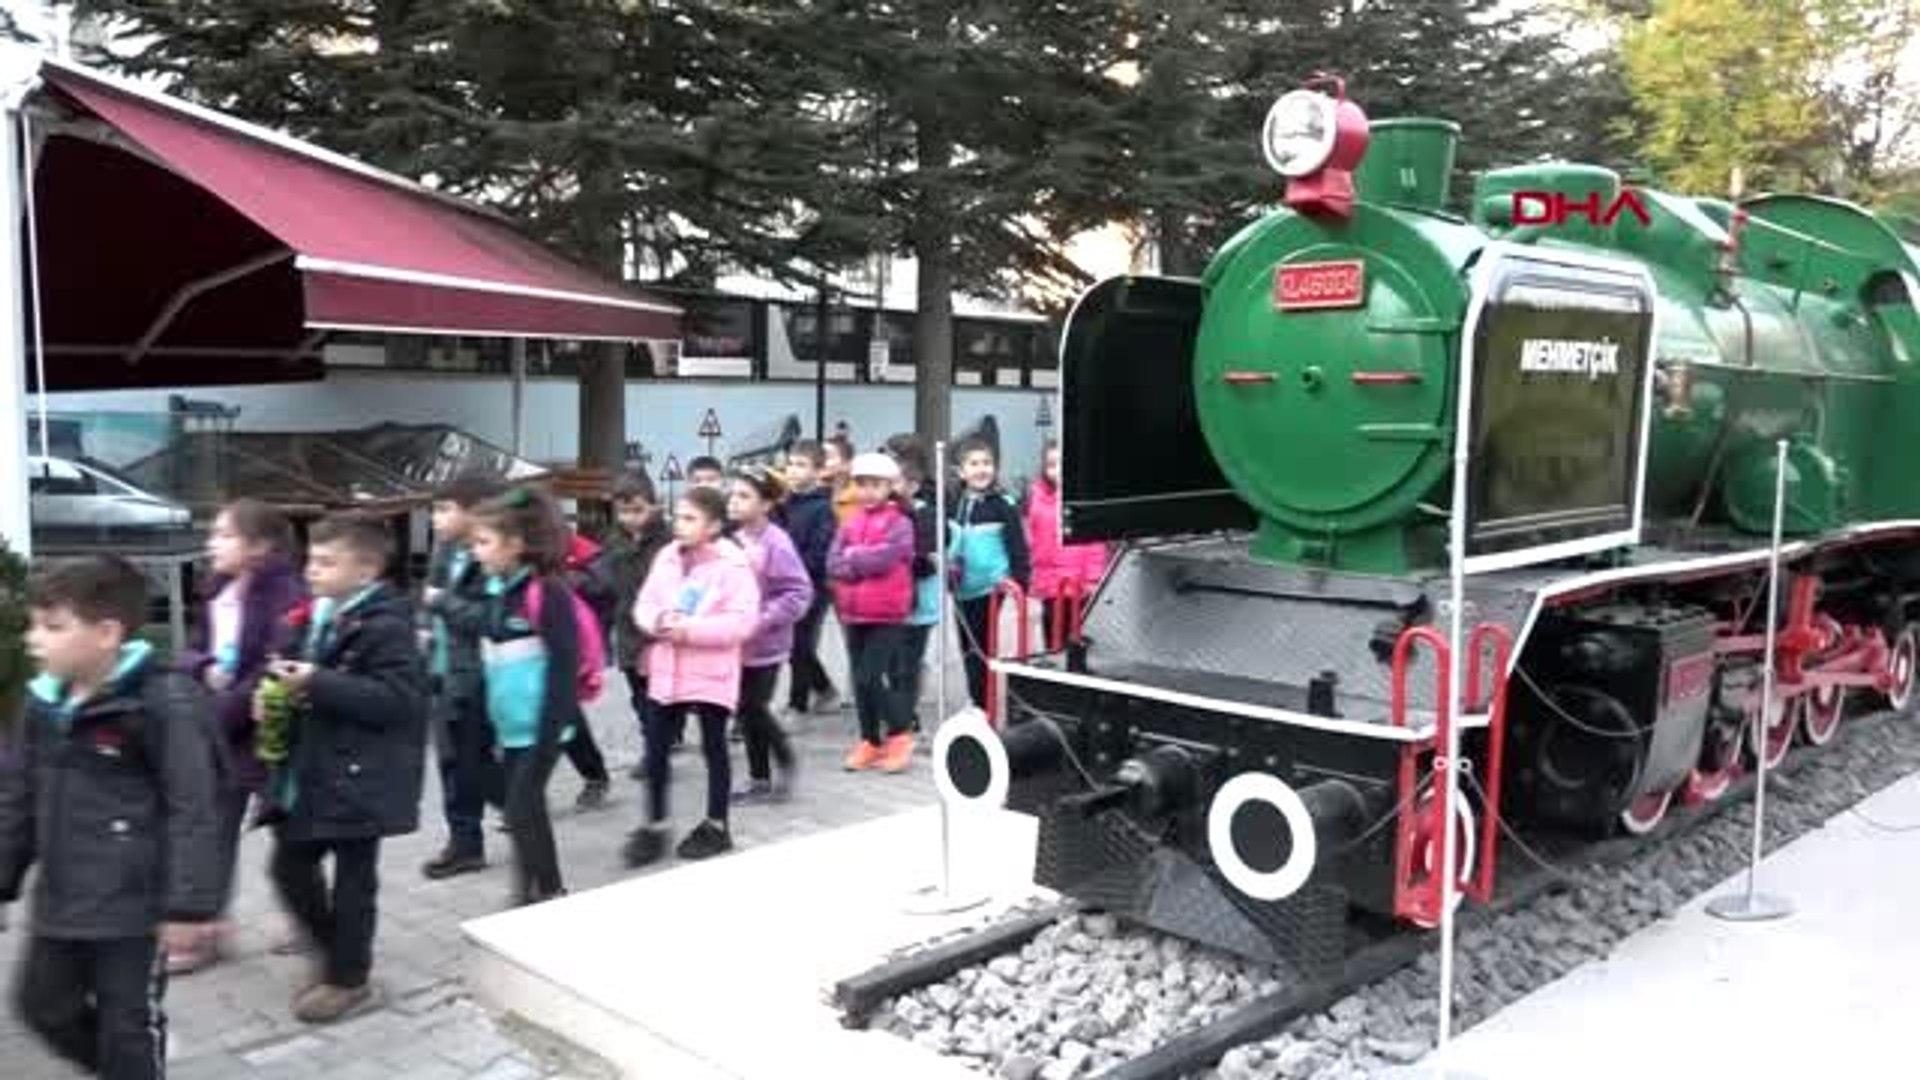 Eskişehir yerli otomobil devrim'i, 20 ayda 255 bin kişi ziyaret etti